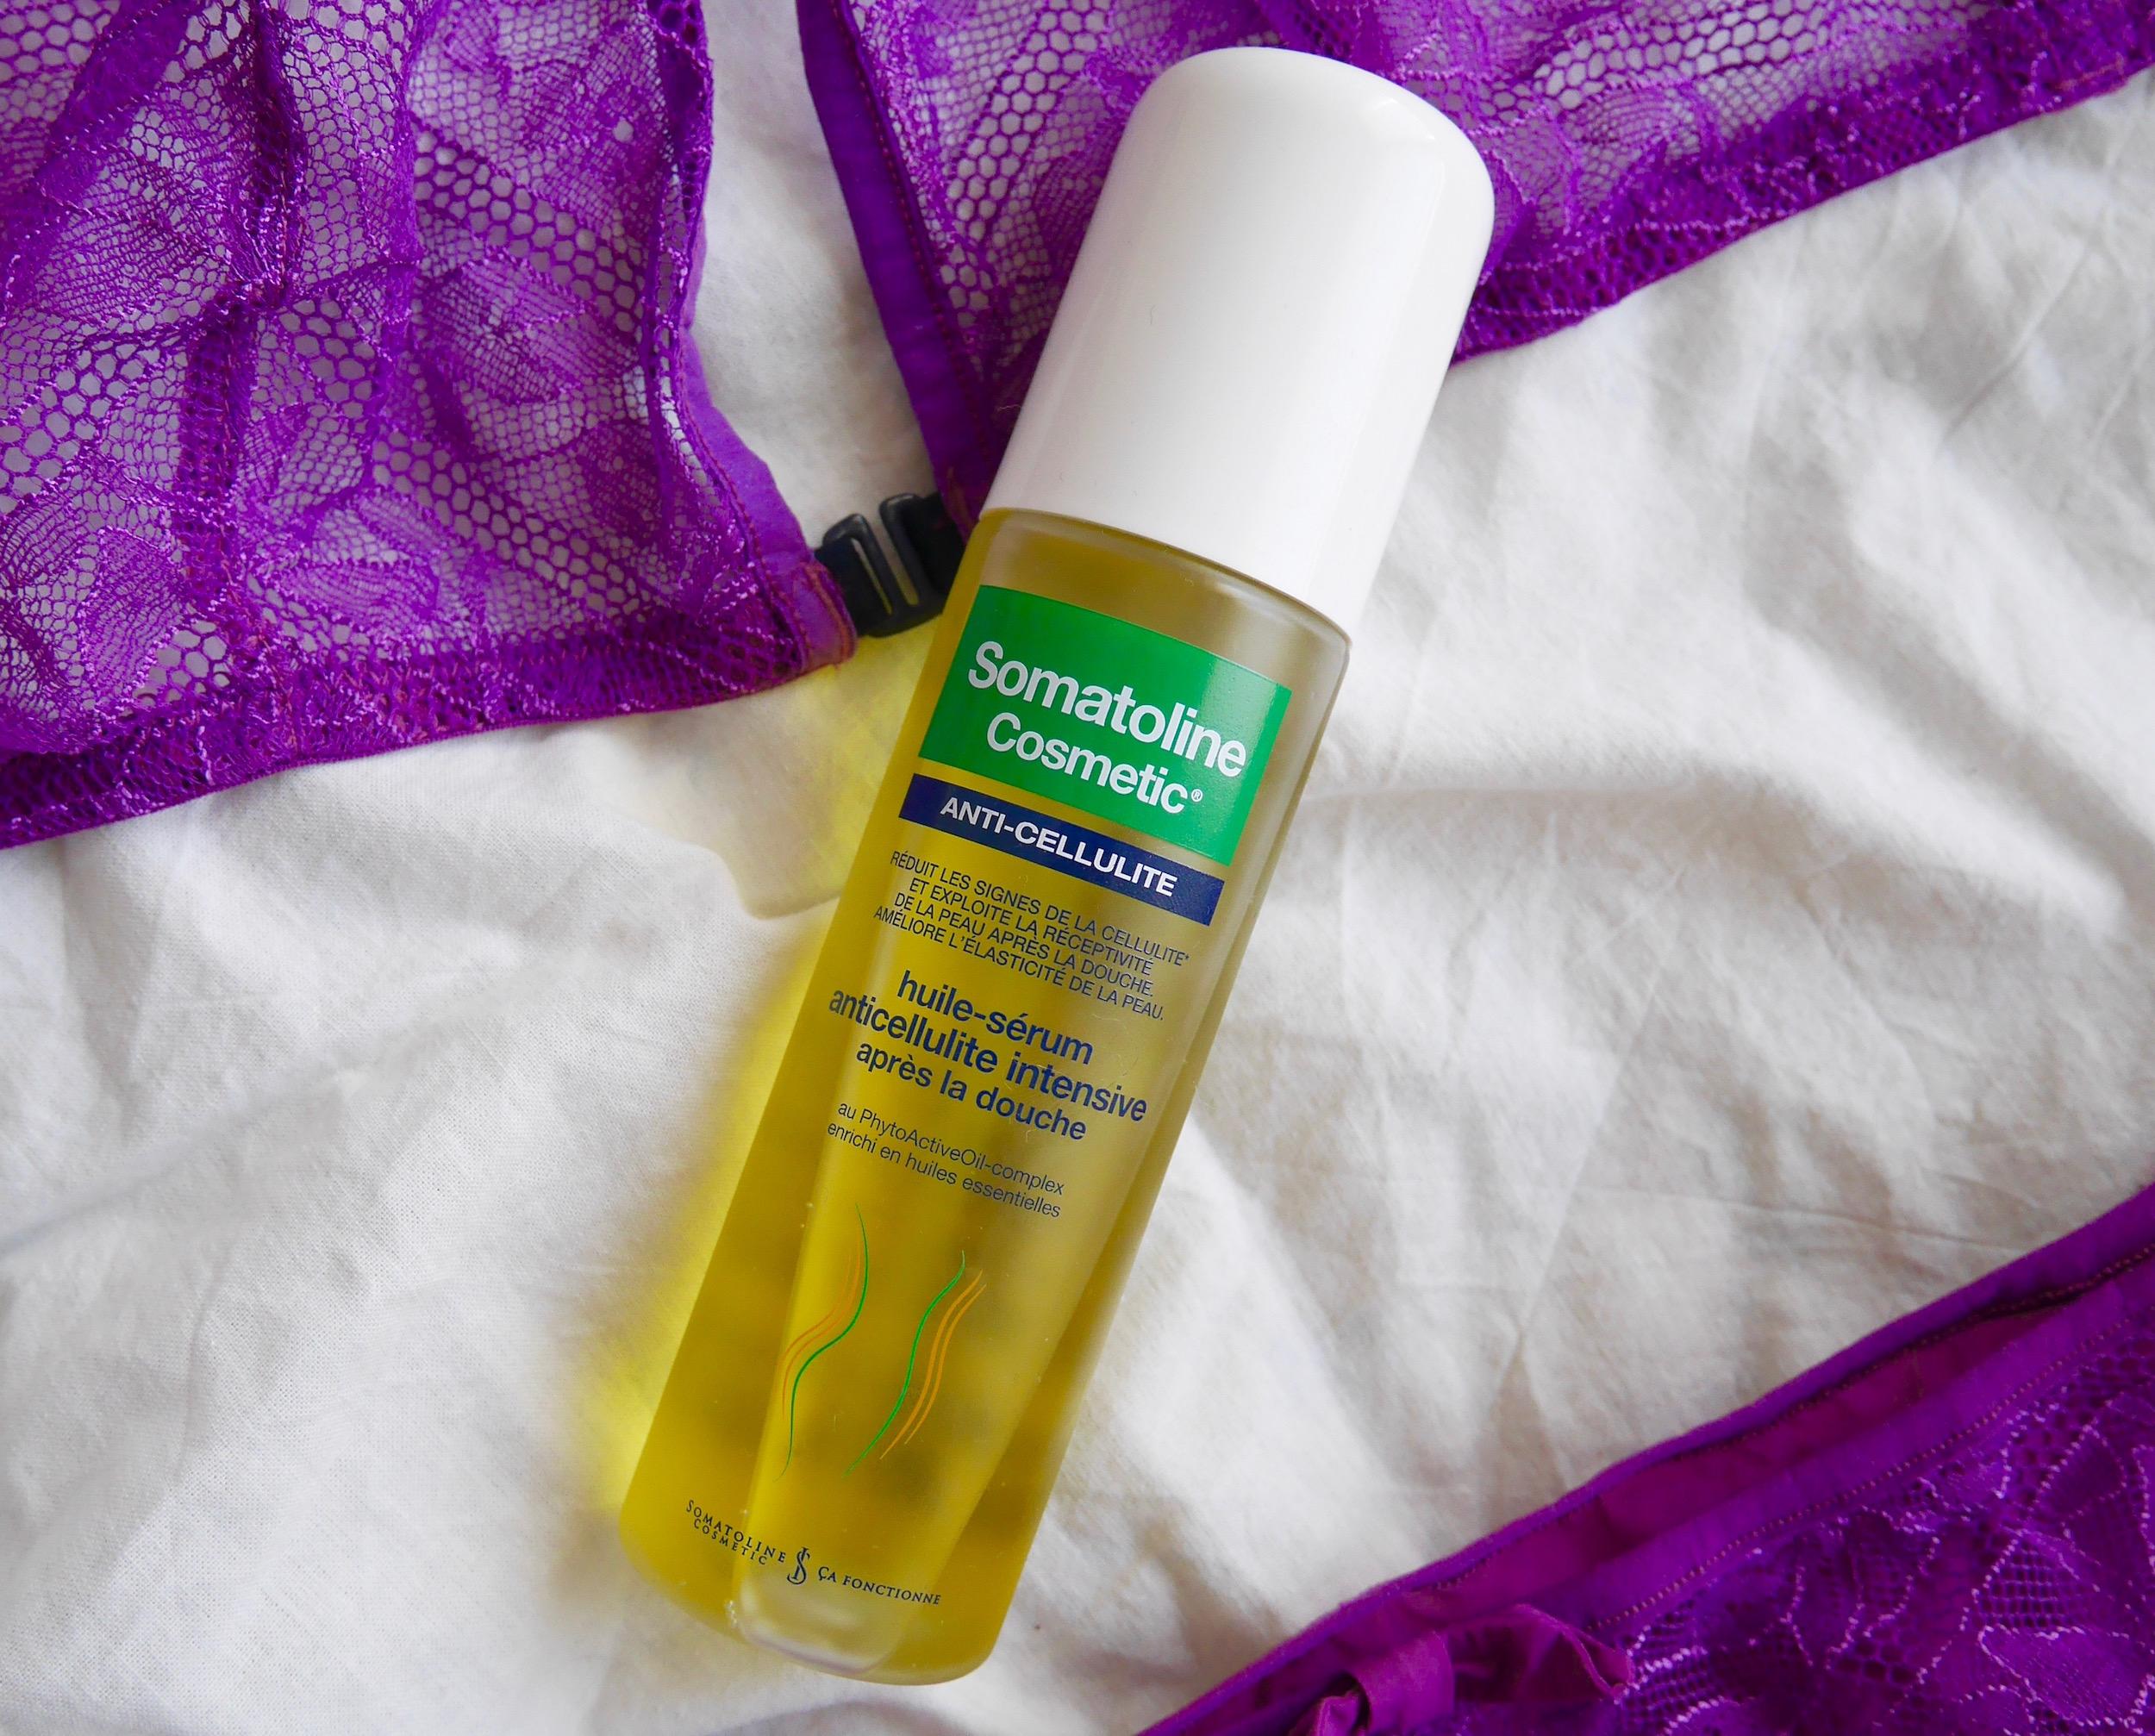 huile serum anti cellulite somatoline